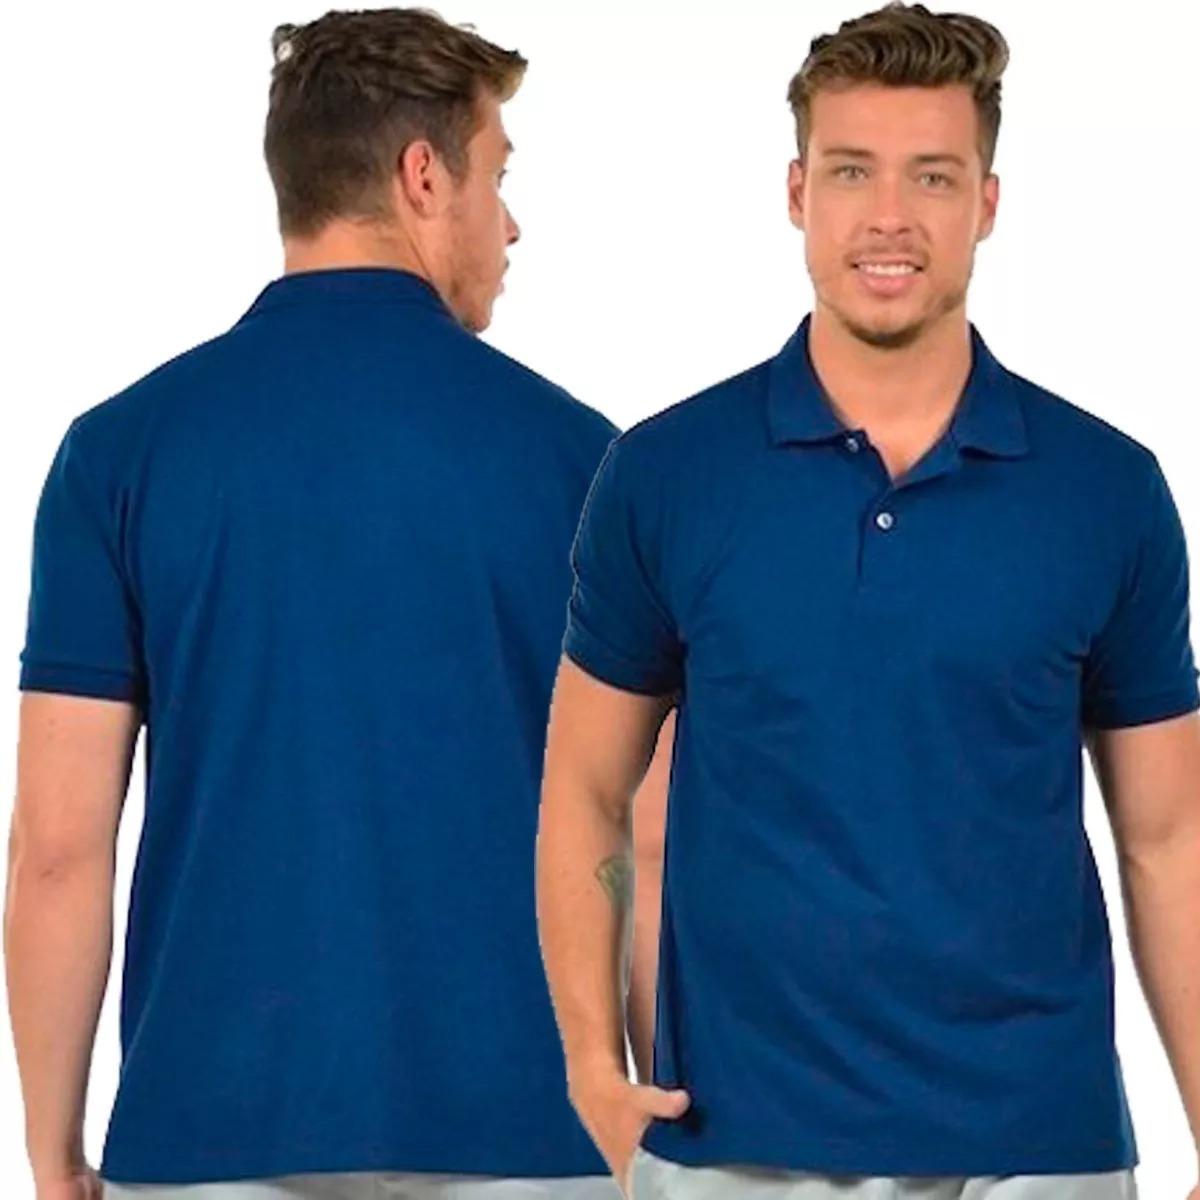 camisa polo masculina camiseta gola atacado uniforme bordar. Carregando  zoom. 1eb3e131ada